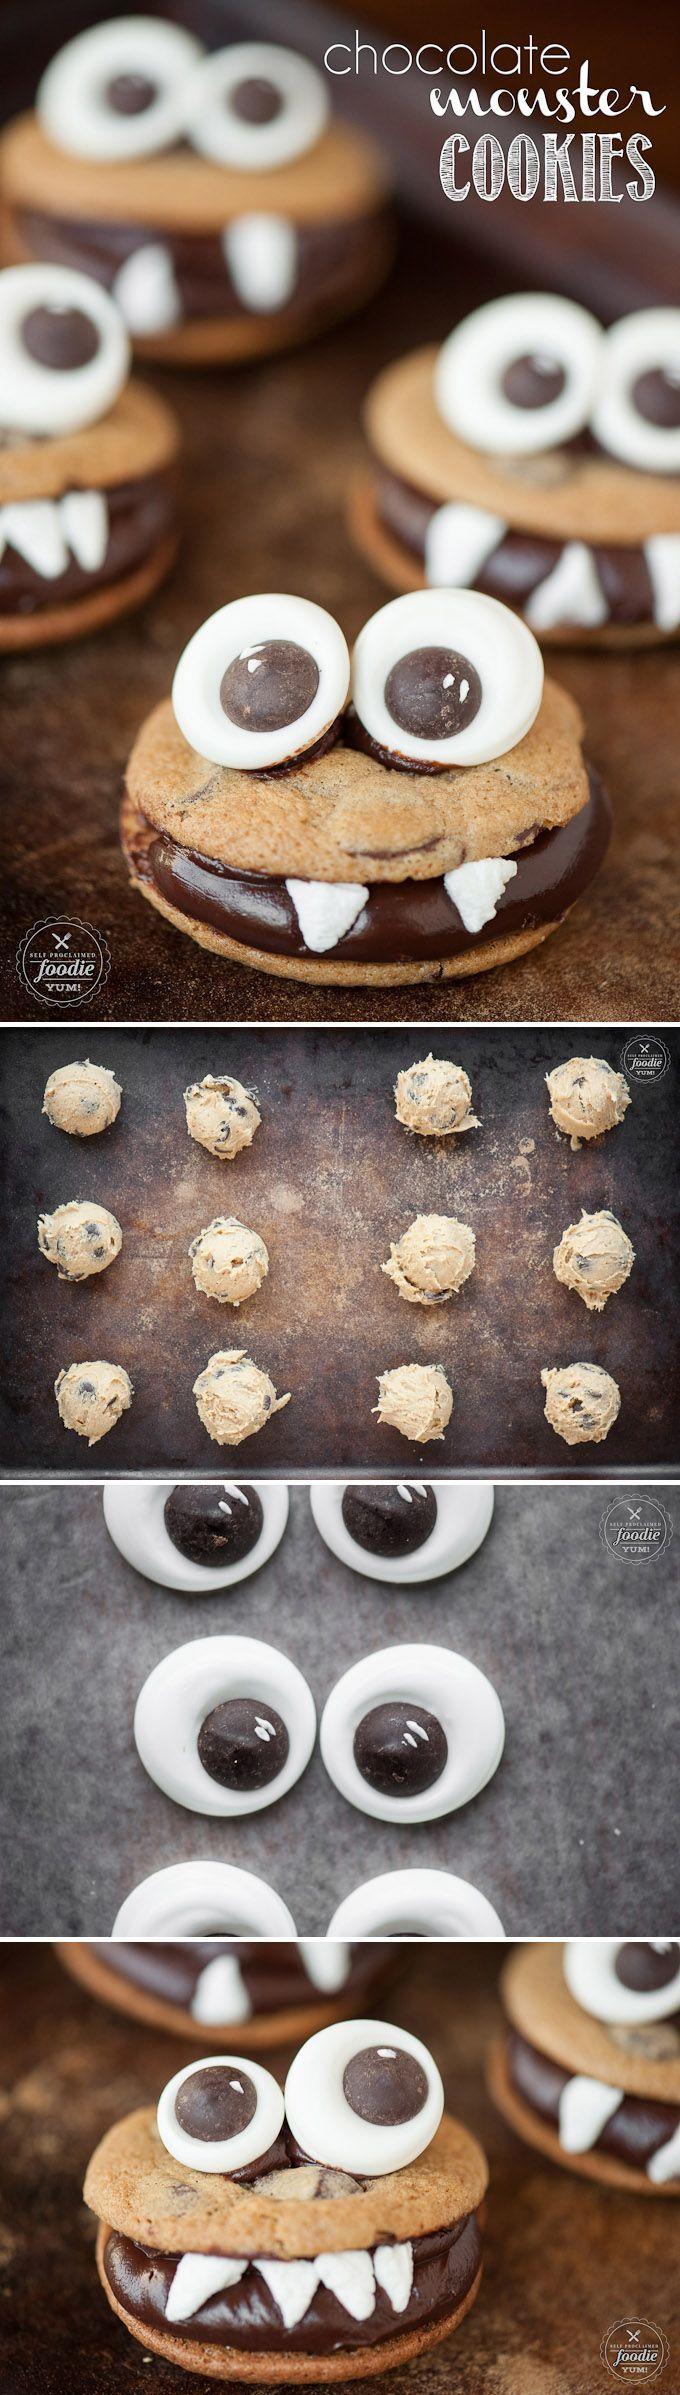 chocolate monster cookies halloween dessertshalloween cookieshalloween funholiday - Unique Halloween Desserts